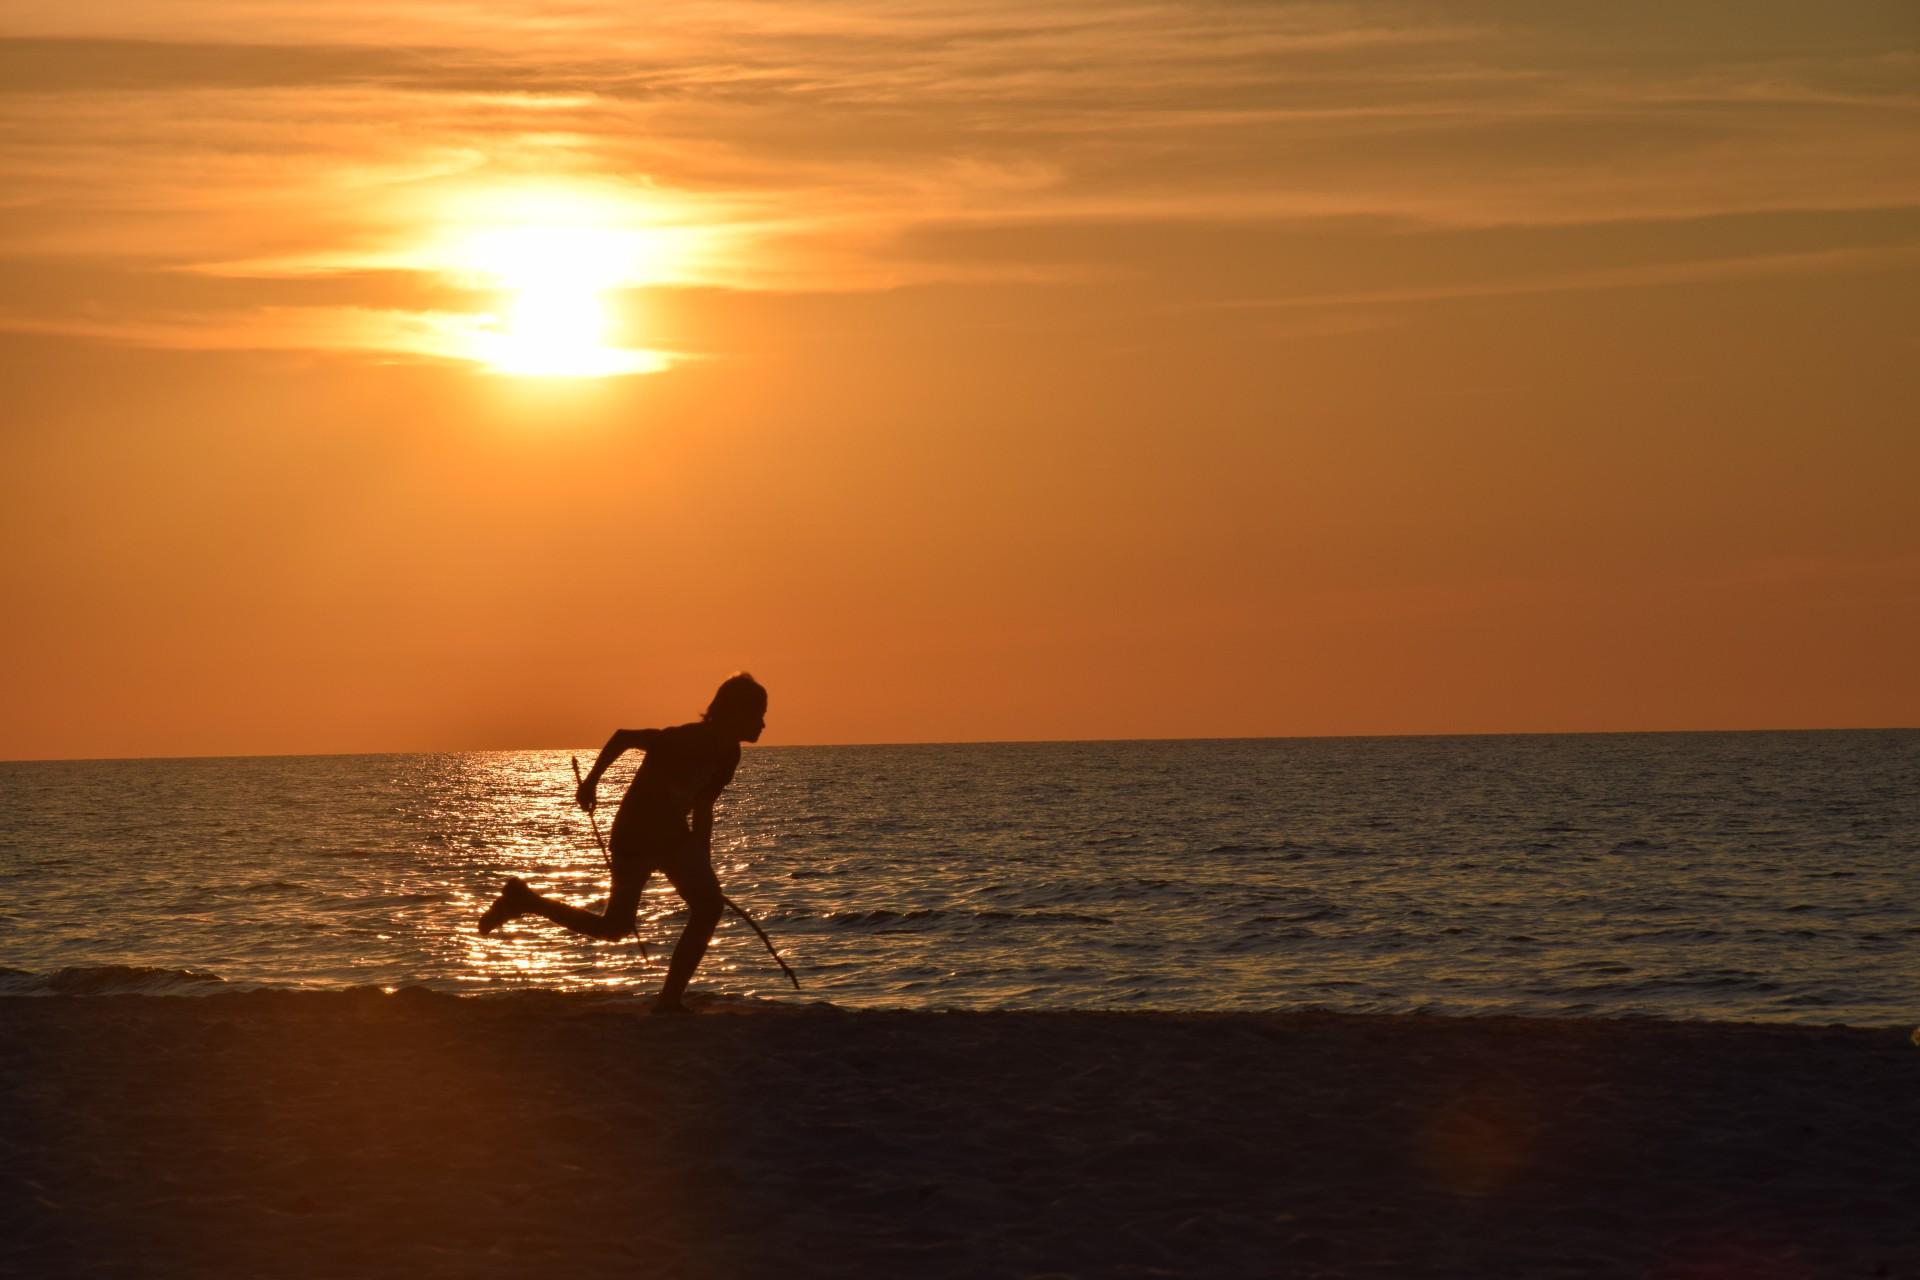 Kopalino, plaża, sierpień 2017. Fot. Tomasz Słomczyński/Magazyn Kaszuby